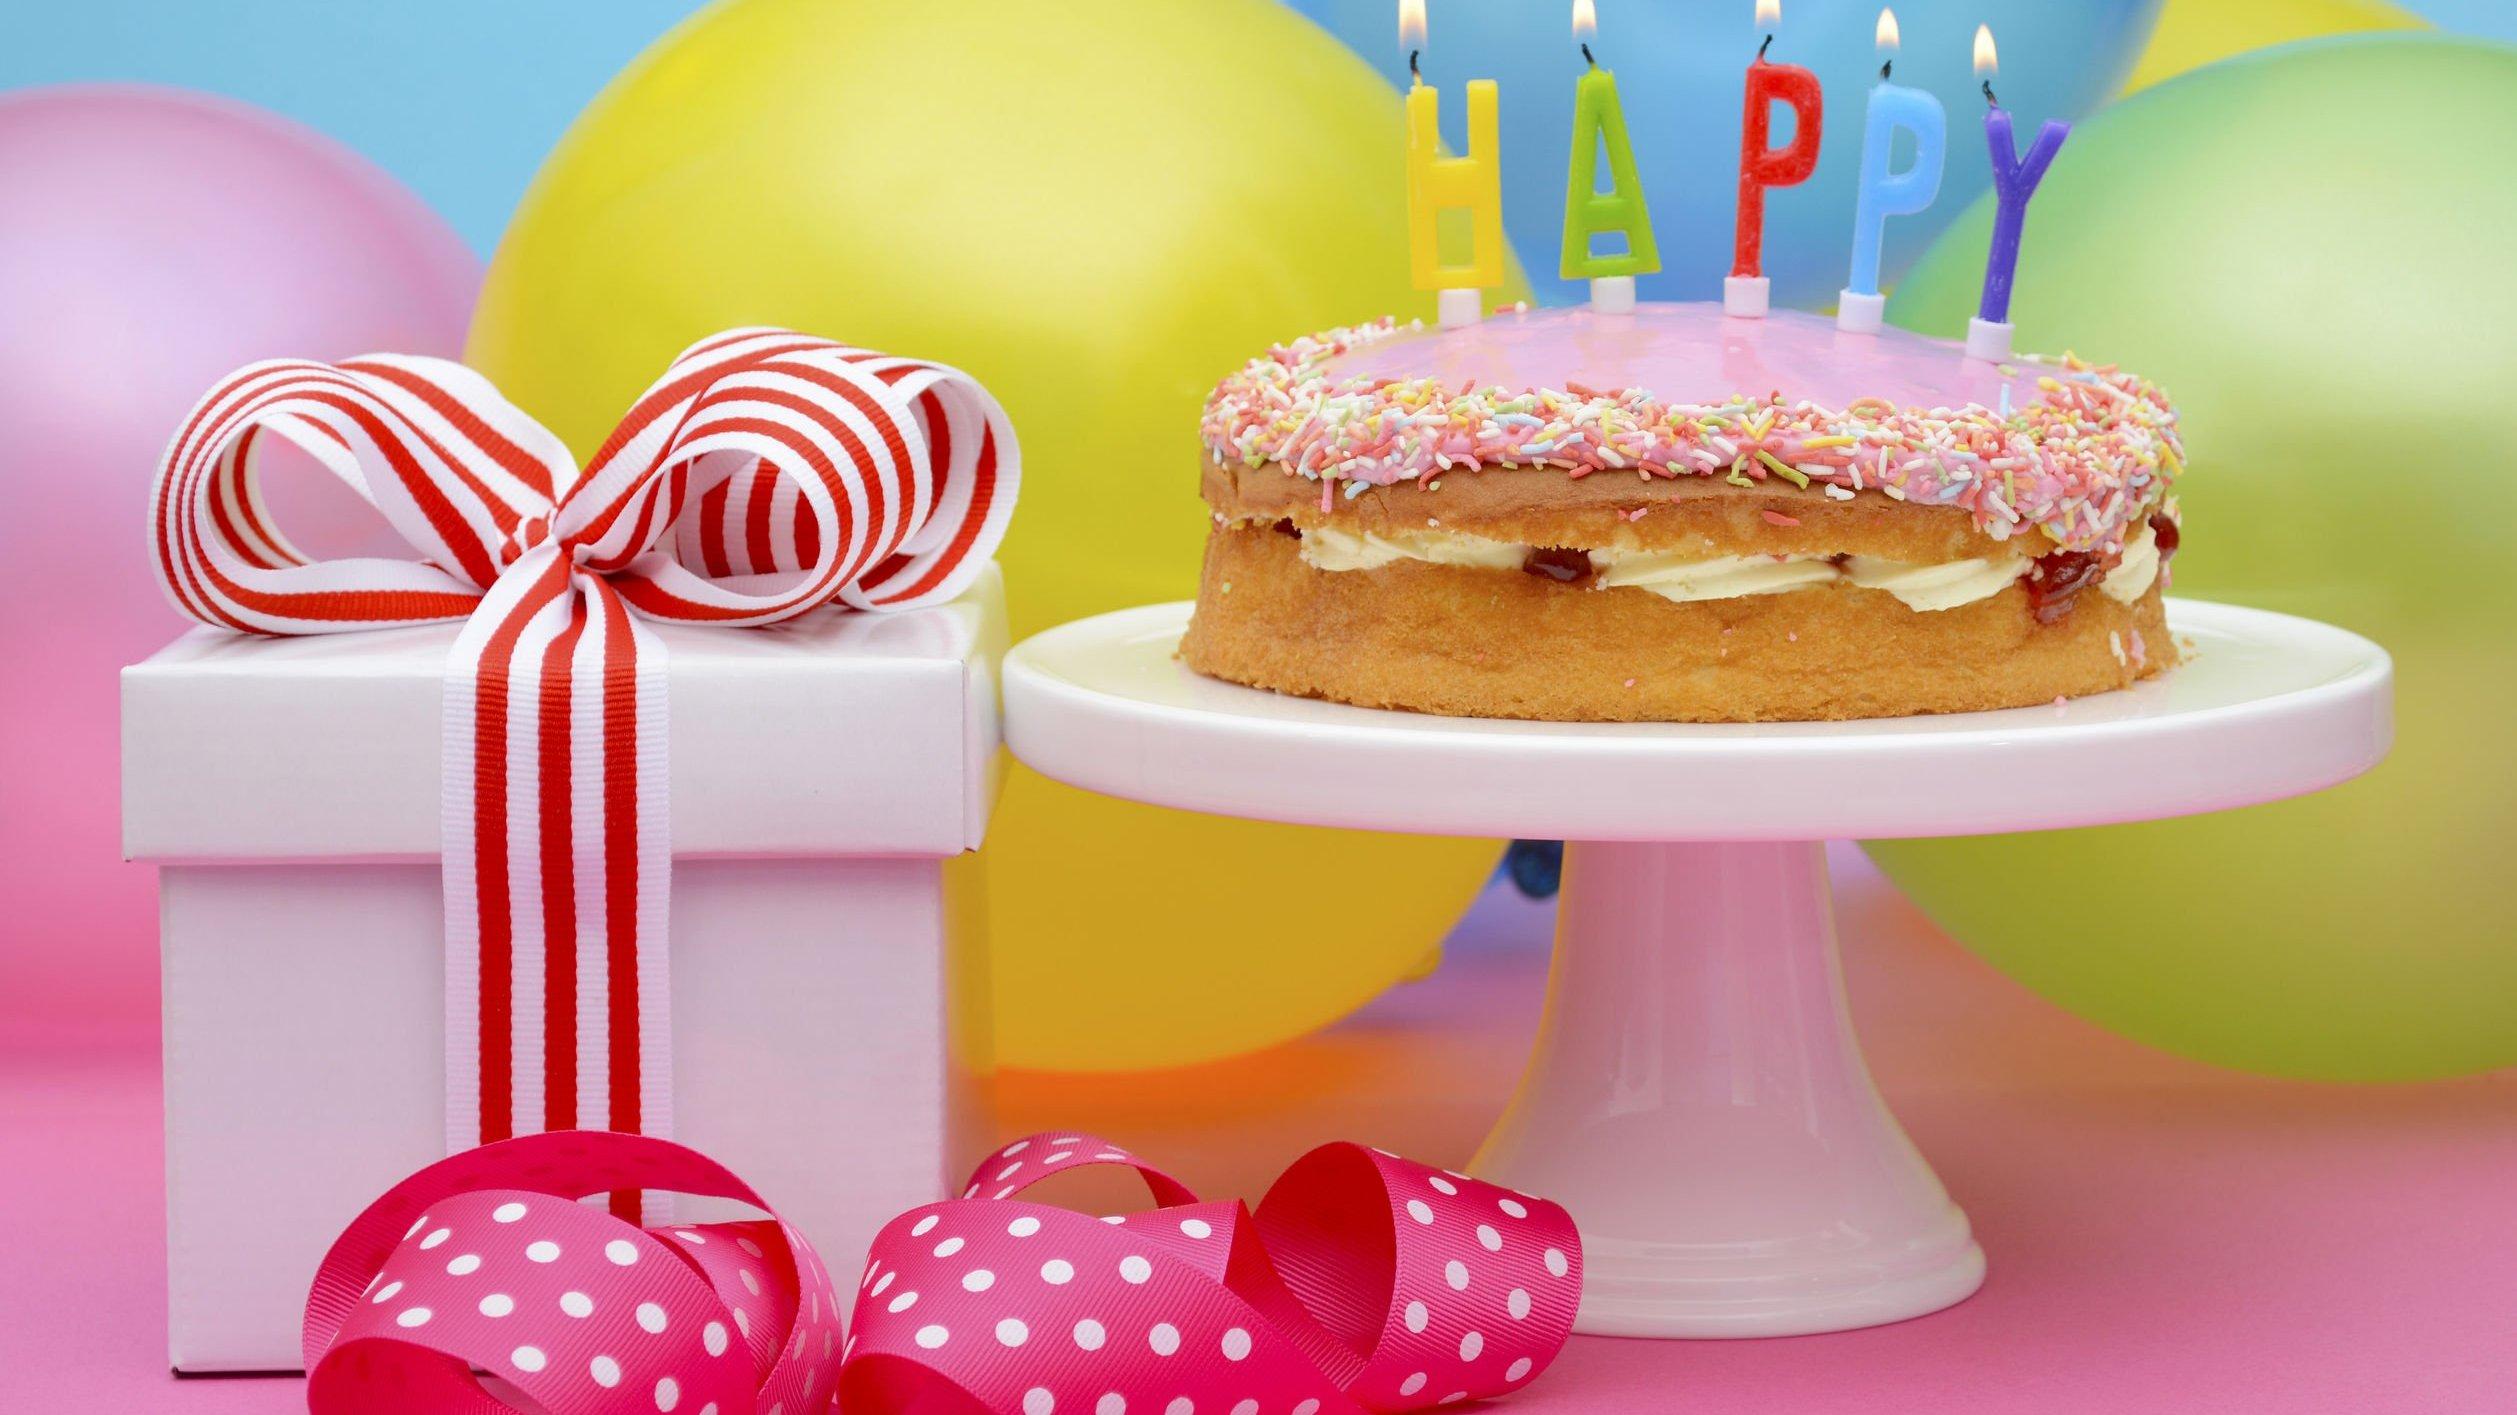 Bolo de aniversário com balões coloridos ao fundo e caixa de presente ao lado.